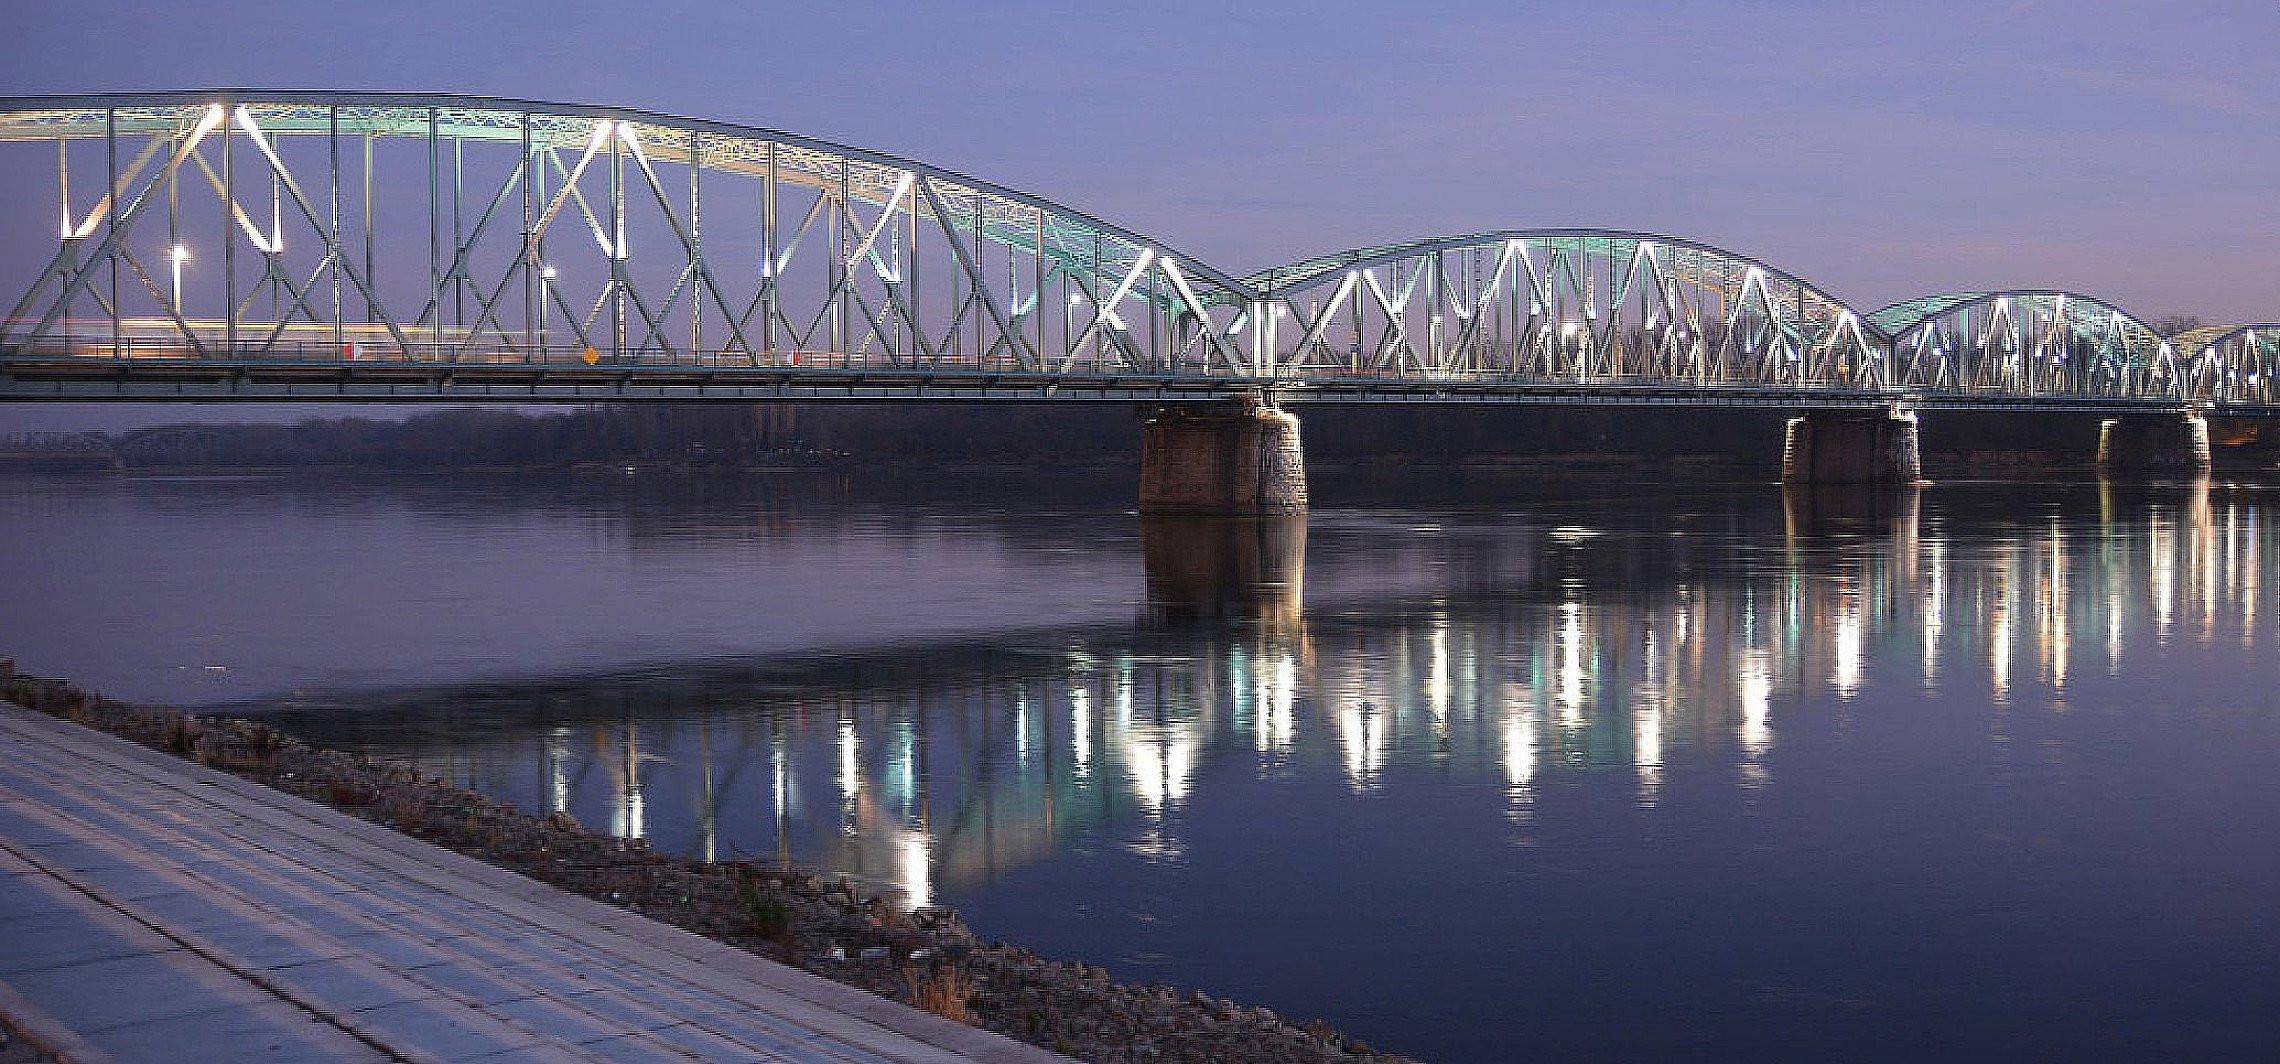 Toruń - Kto zepchnął mężczyznę z mostu? Wraca sprawa sprzed 20 lat